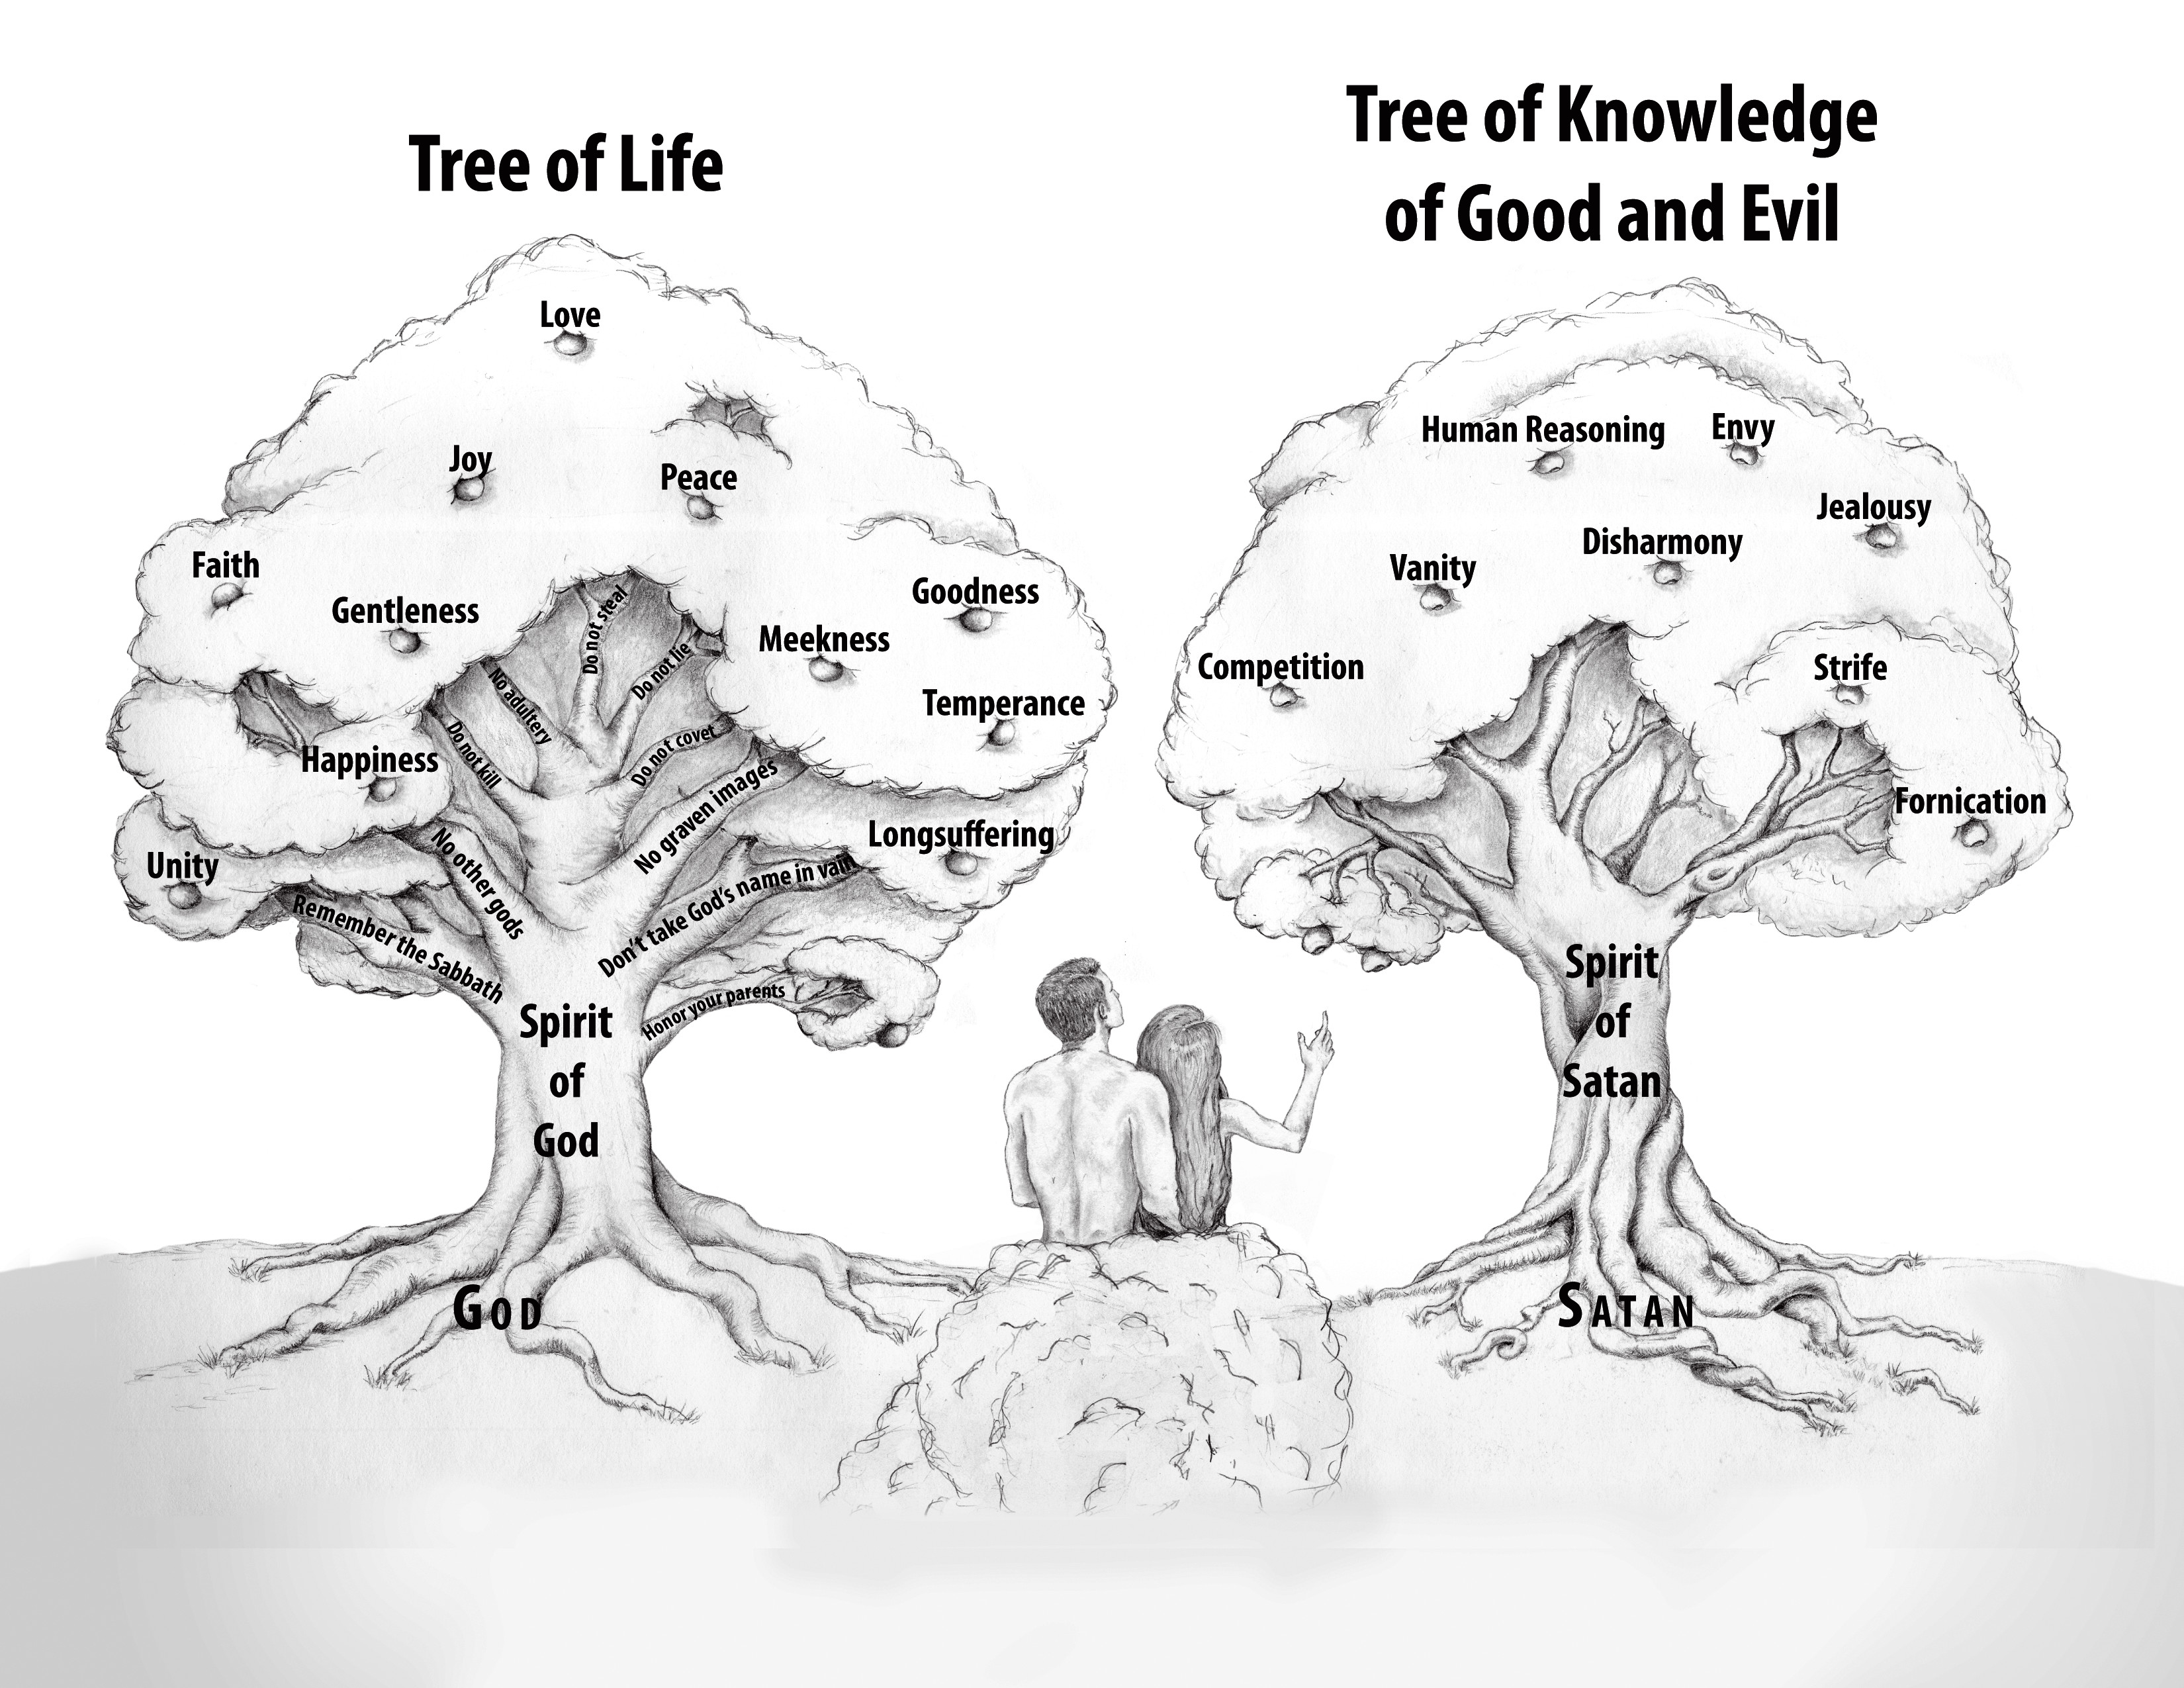 Two-Trees-Reprint-Pantone5185C